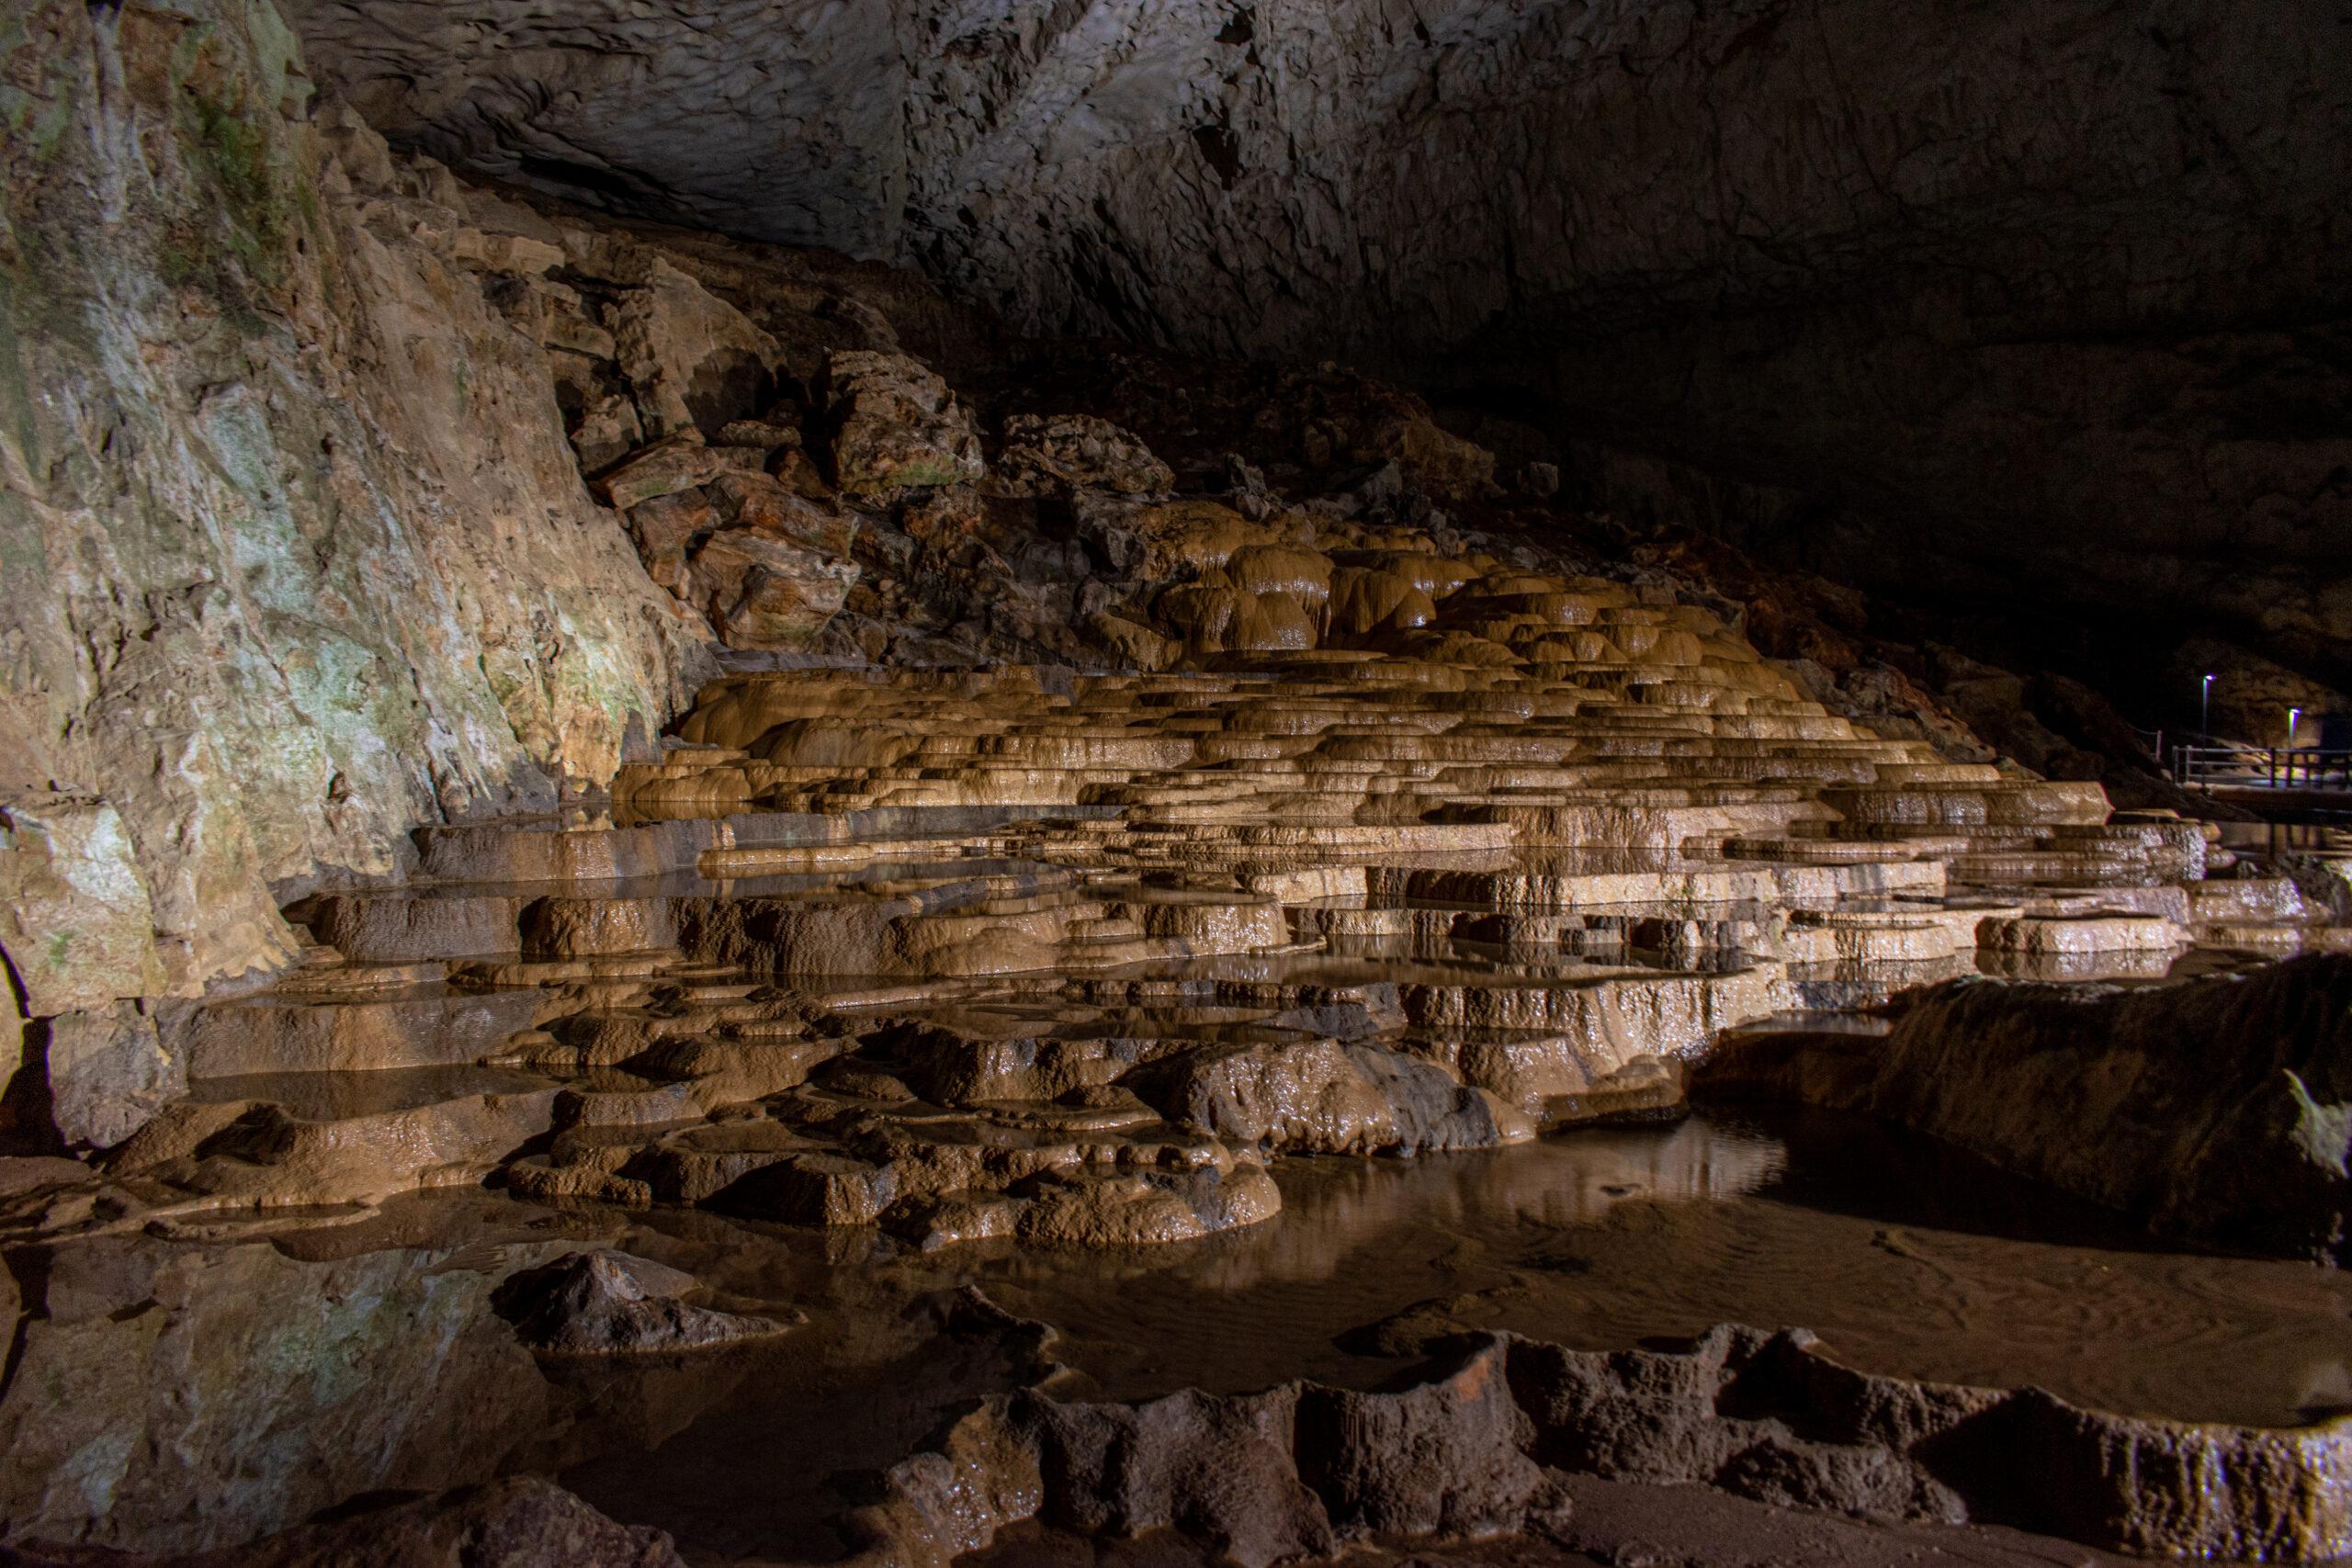 日本最大級のカルスト台地の下に眠る鍾乳洞!山口県の秋芳洞への行き方!